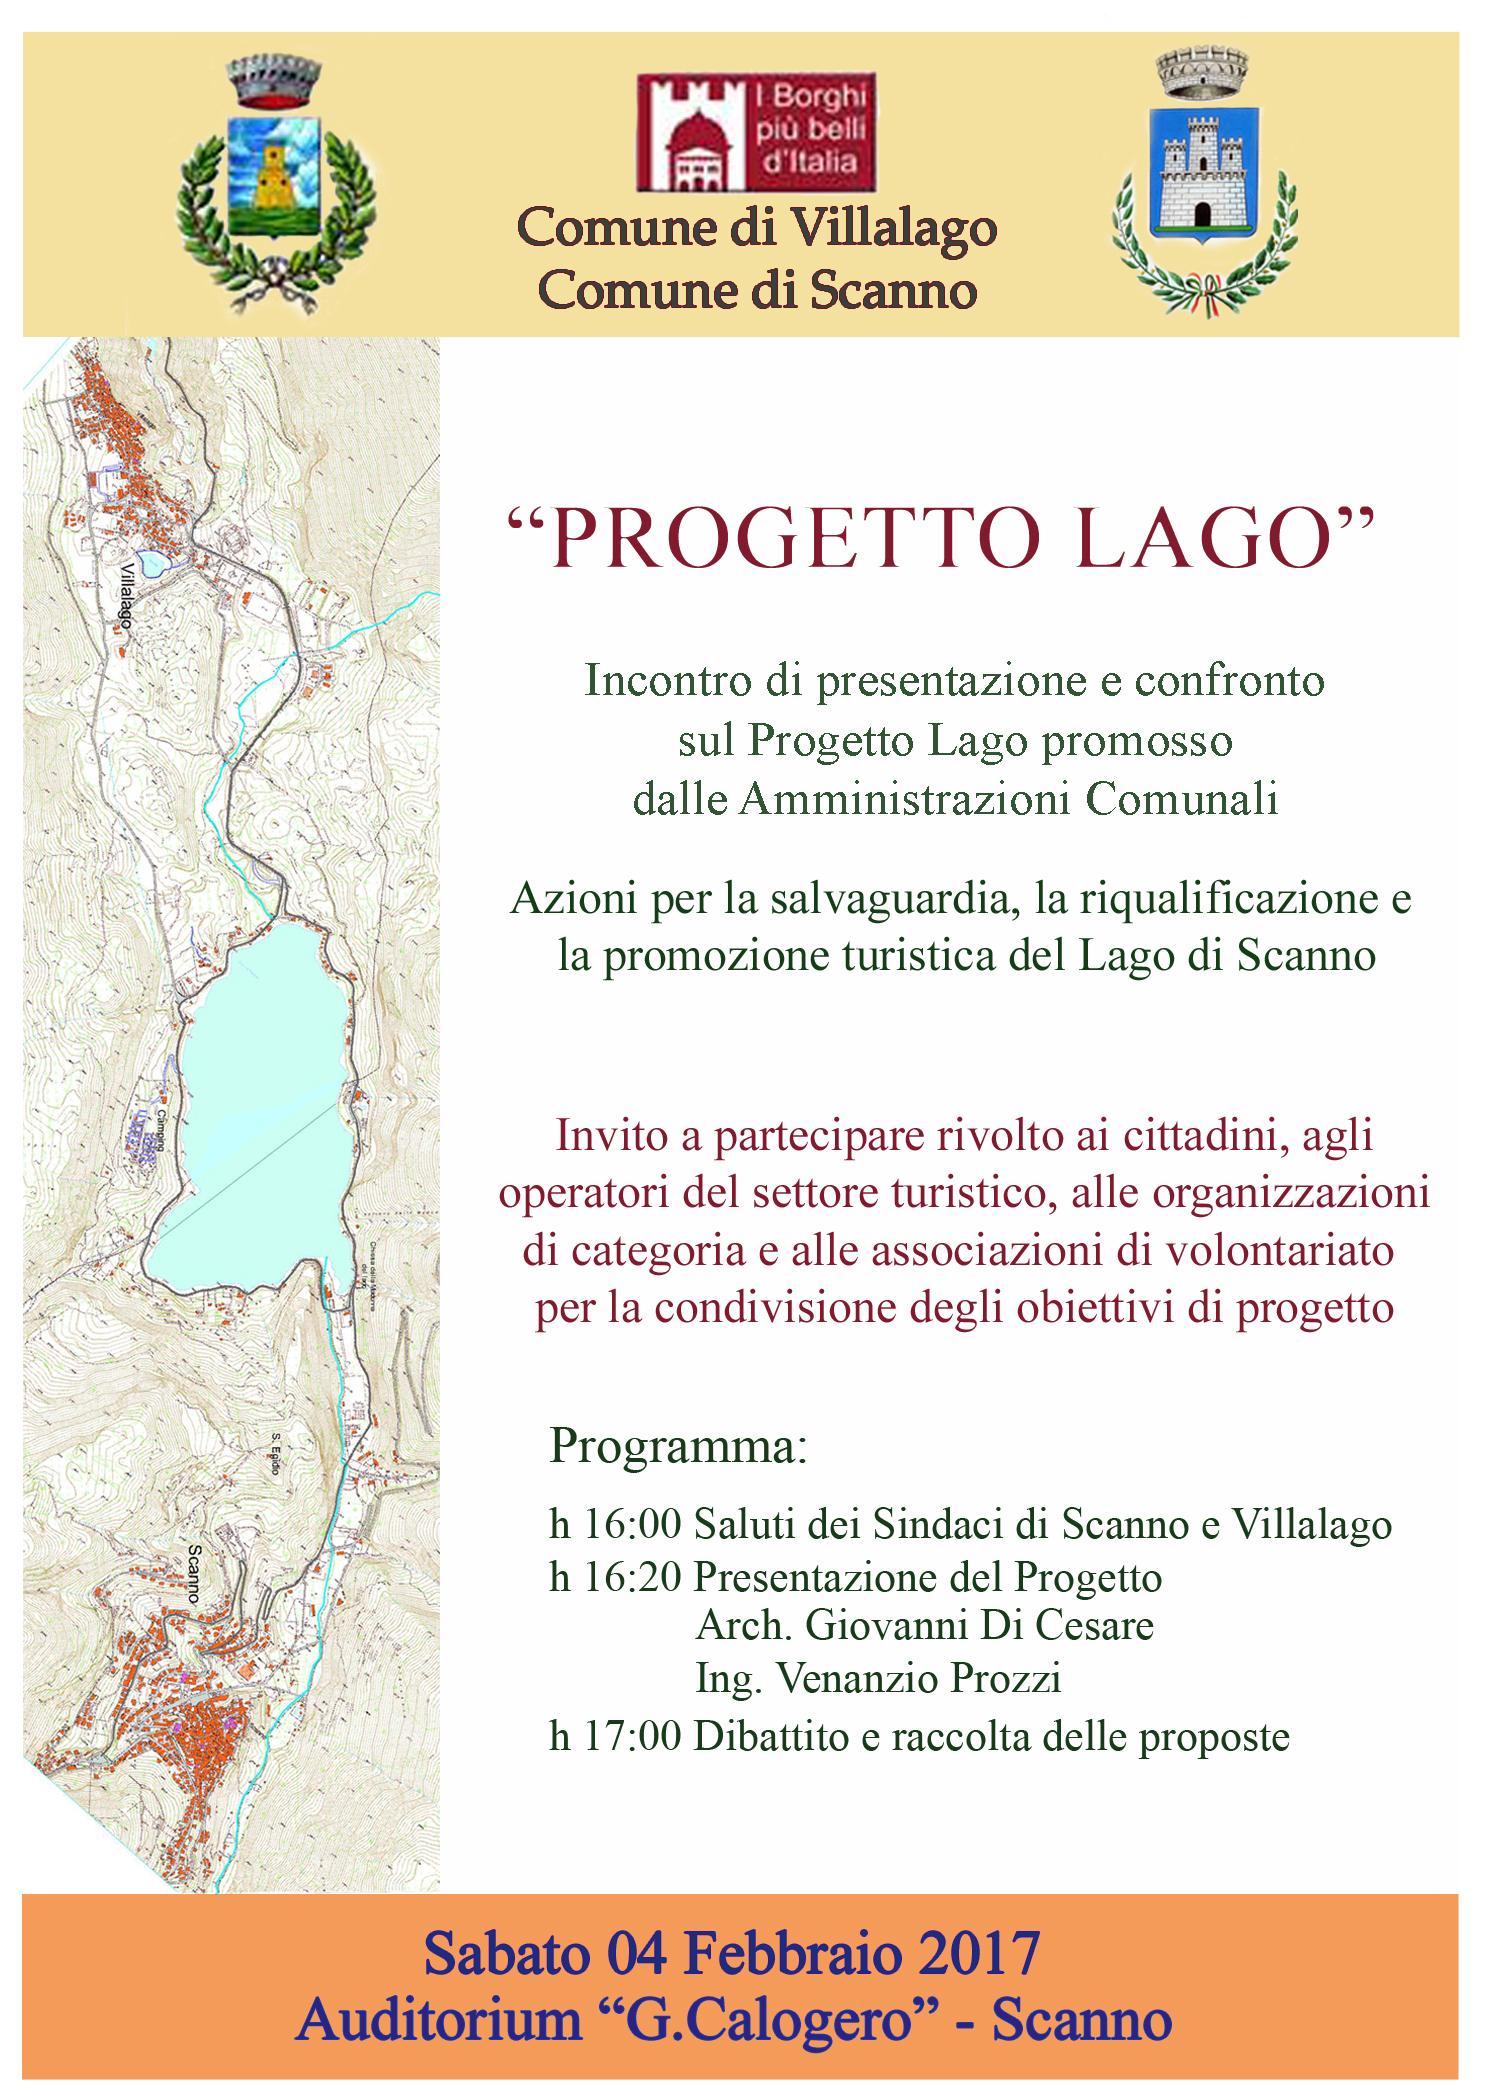 PROGETTO LAGO _ 4febb 17-1